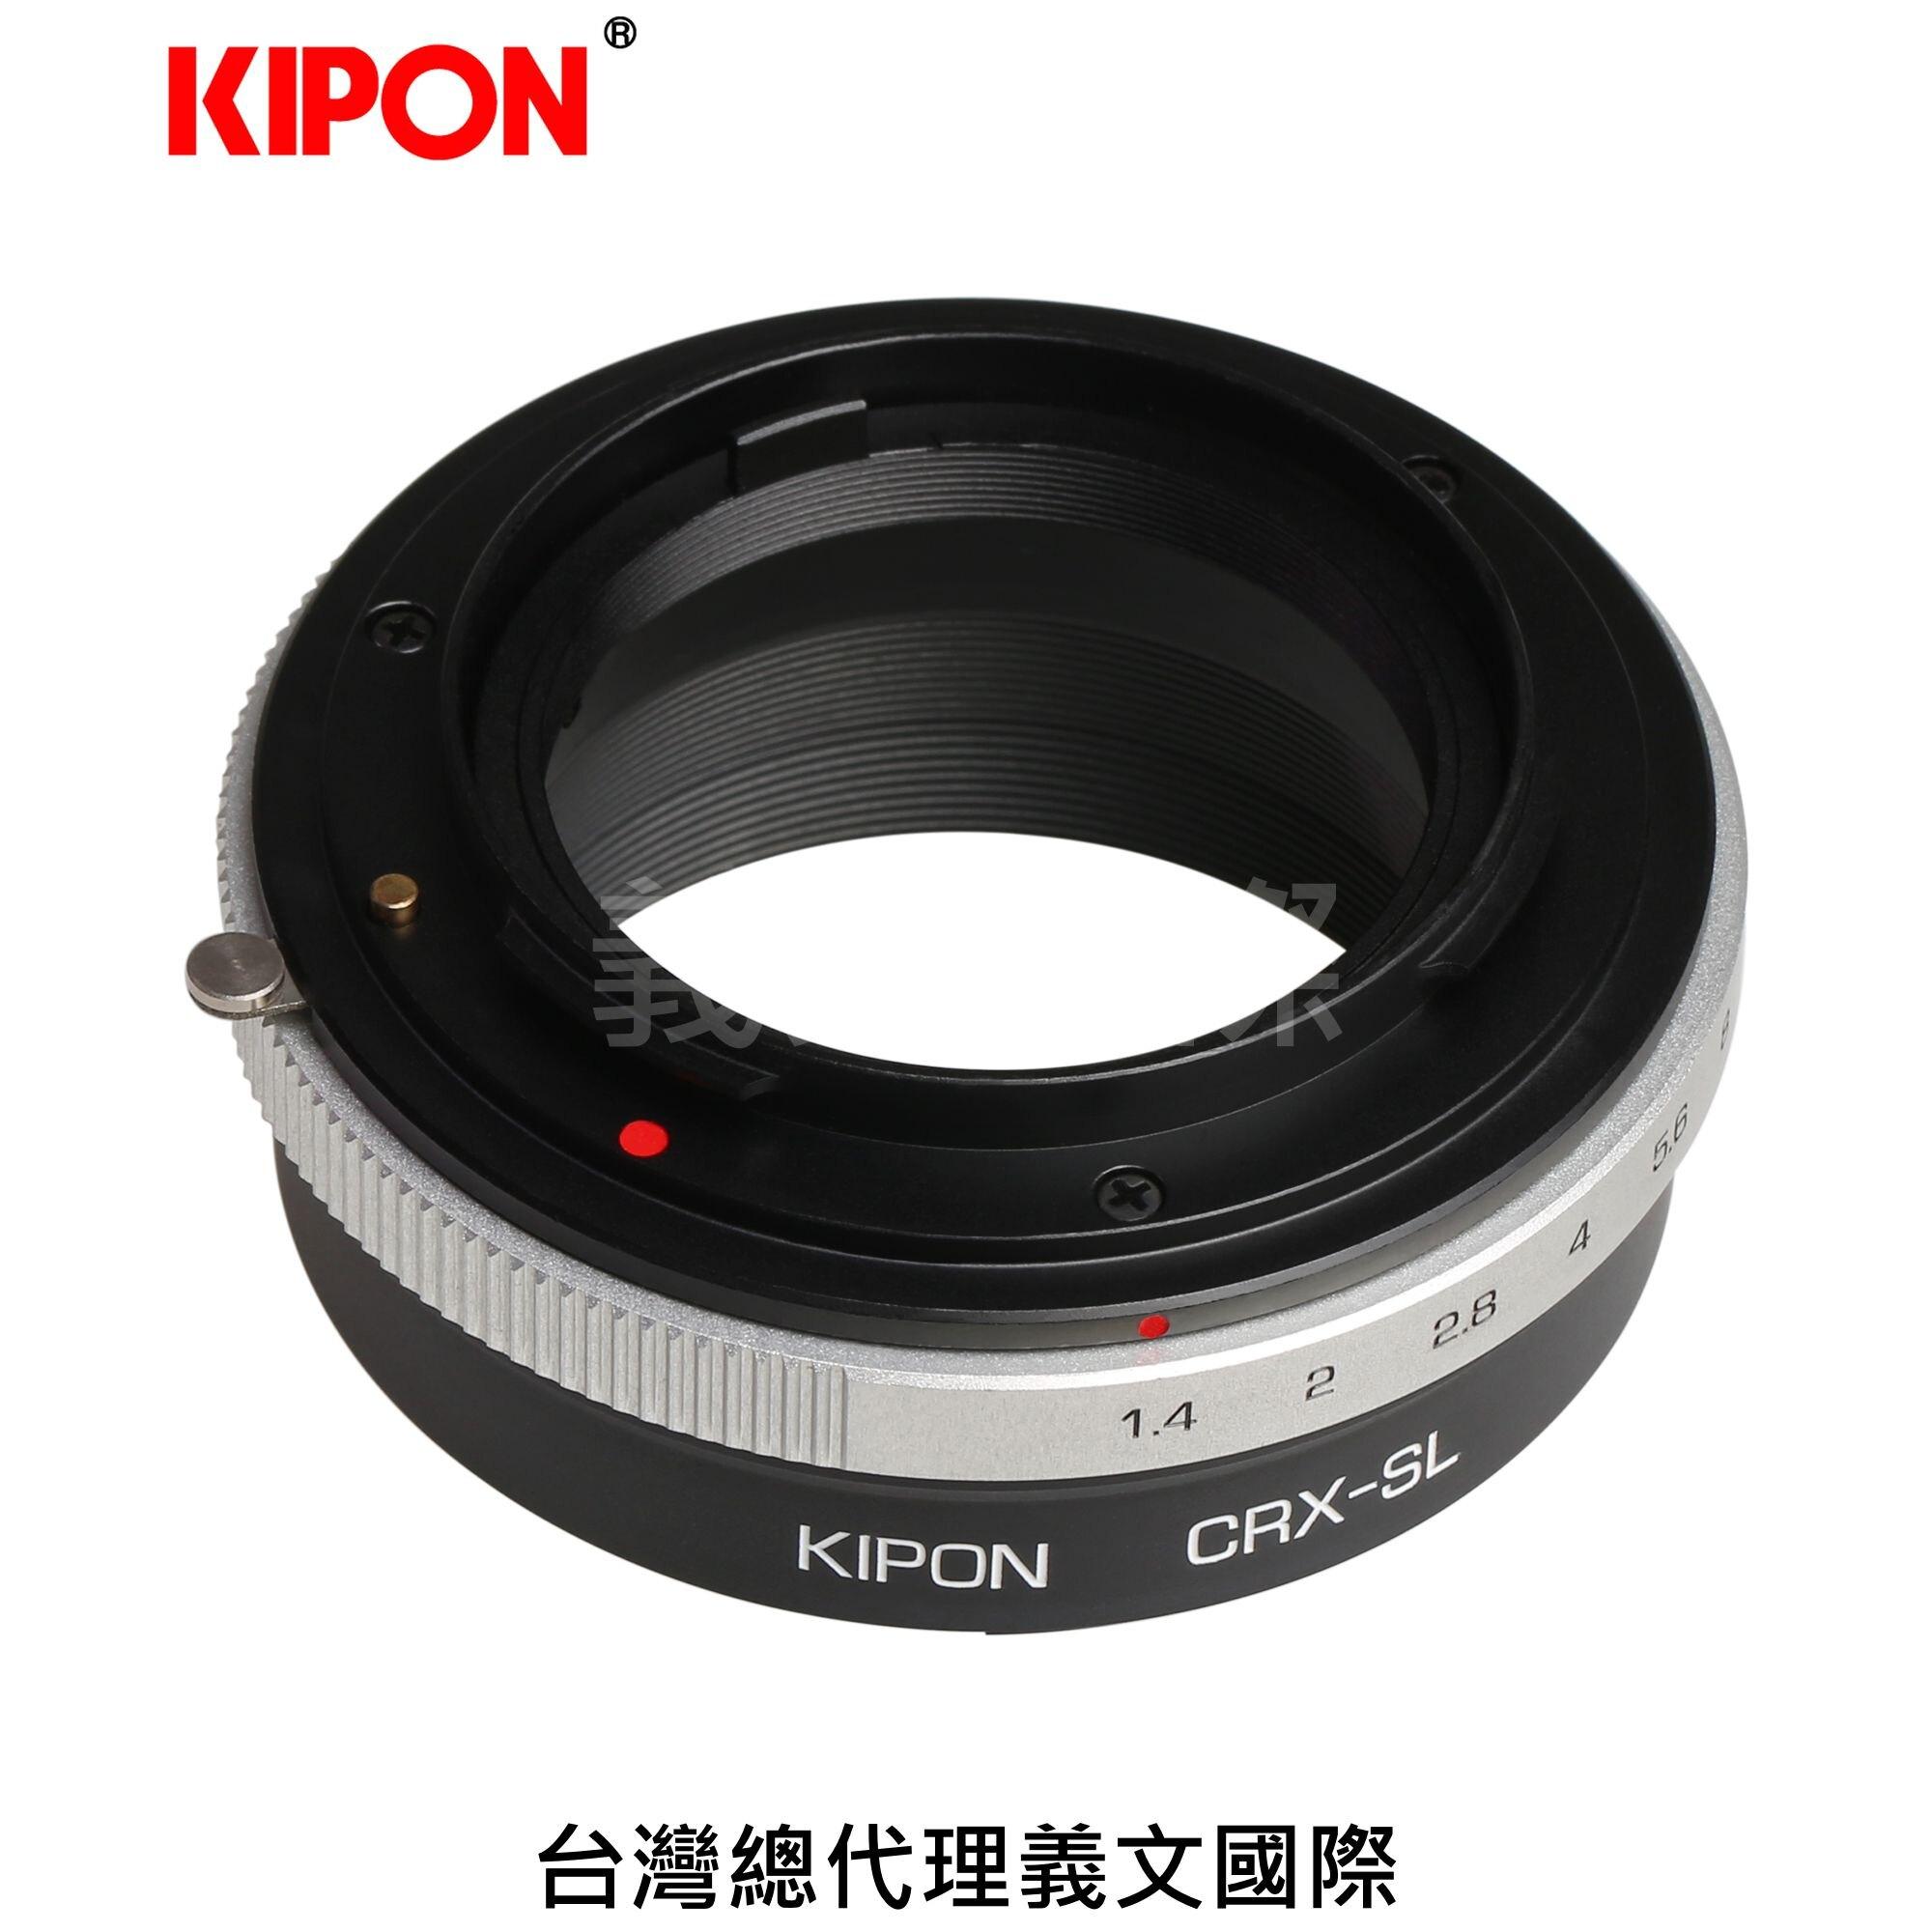 Kipon轉接環專賣店:CONTAREX-L(Leica SL,徠卡,CRX,S1,S1R,S1H,TL,TL2,SIGMA FP)